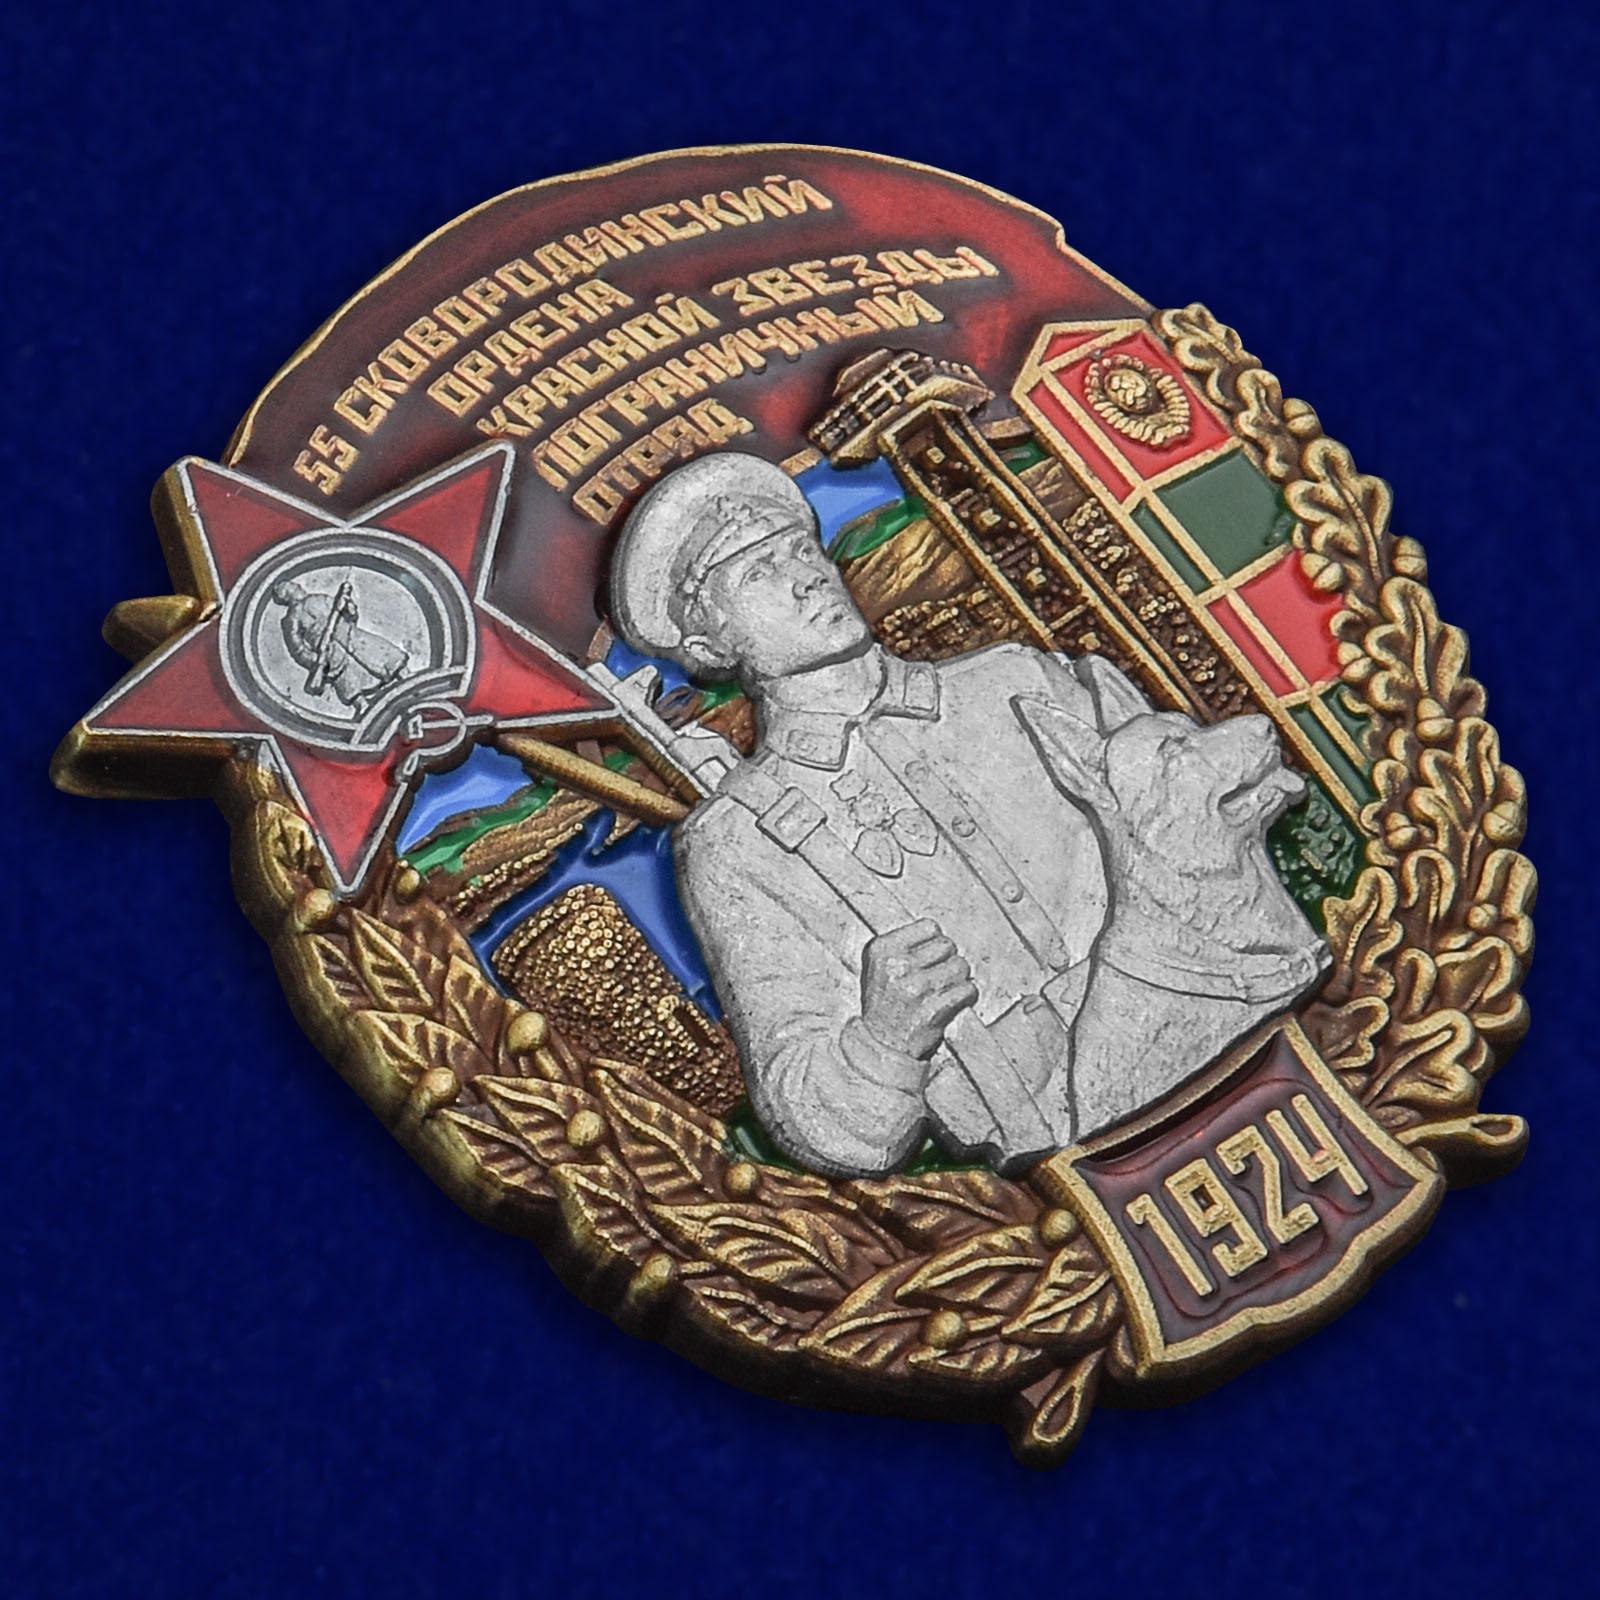 Латунный знак 55 Сковородинский ордена Красной звезды Пограничный отряд - общий вид